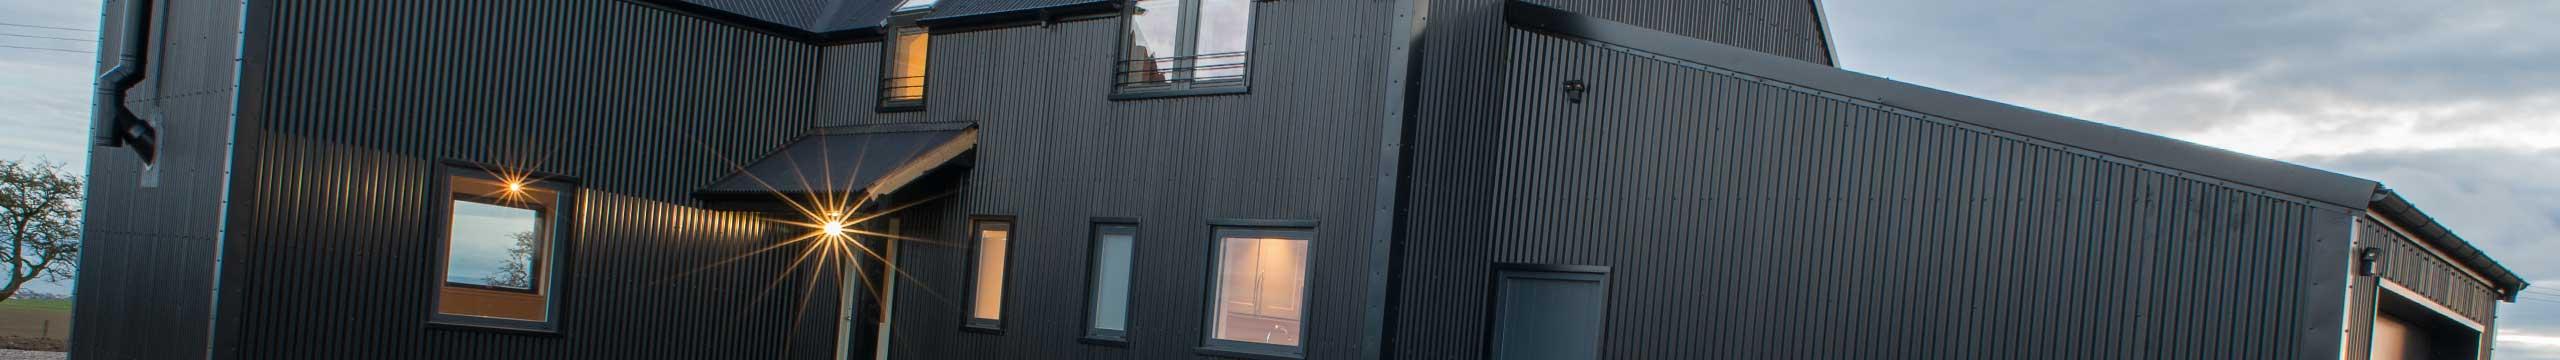 Fleming Homes Bespoke Design